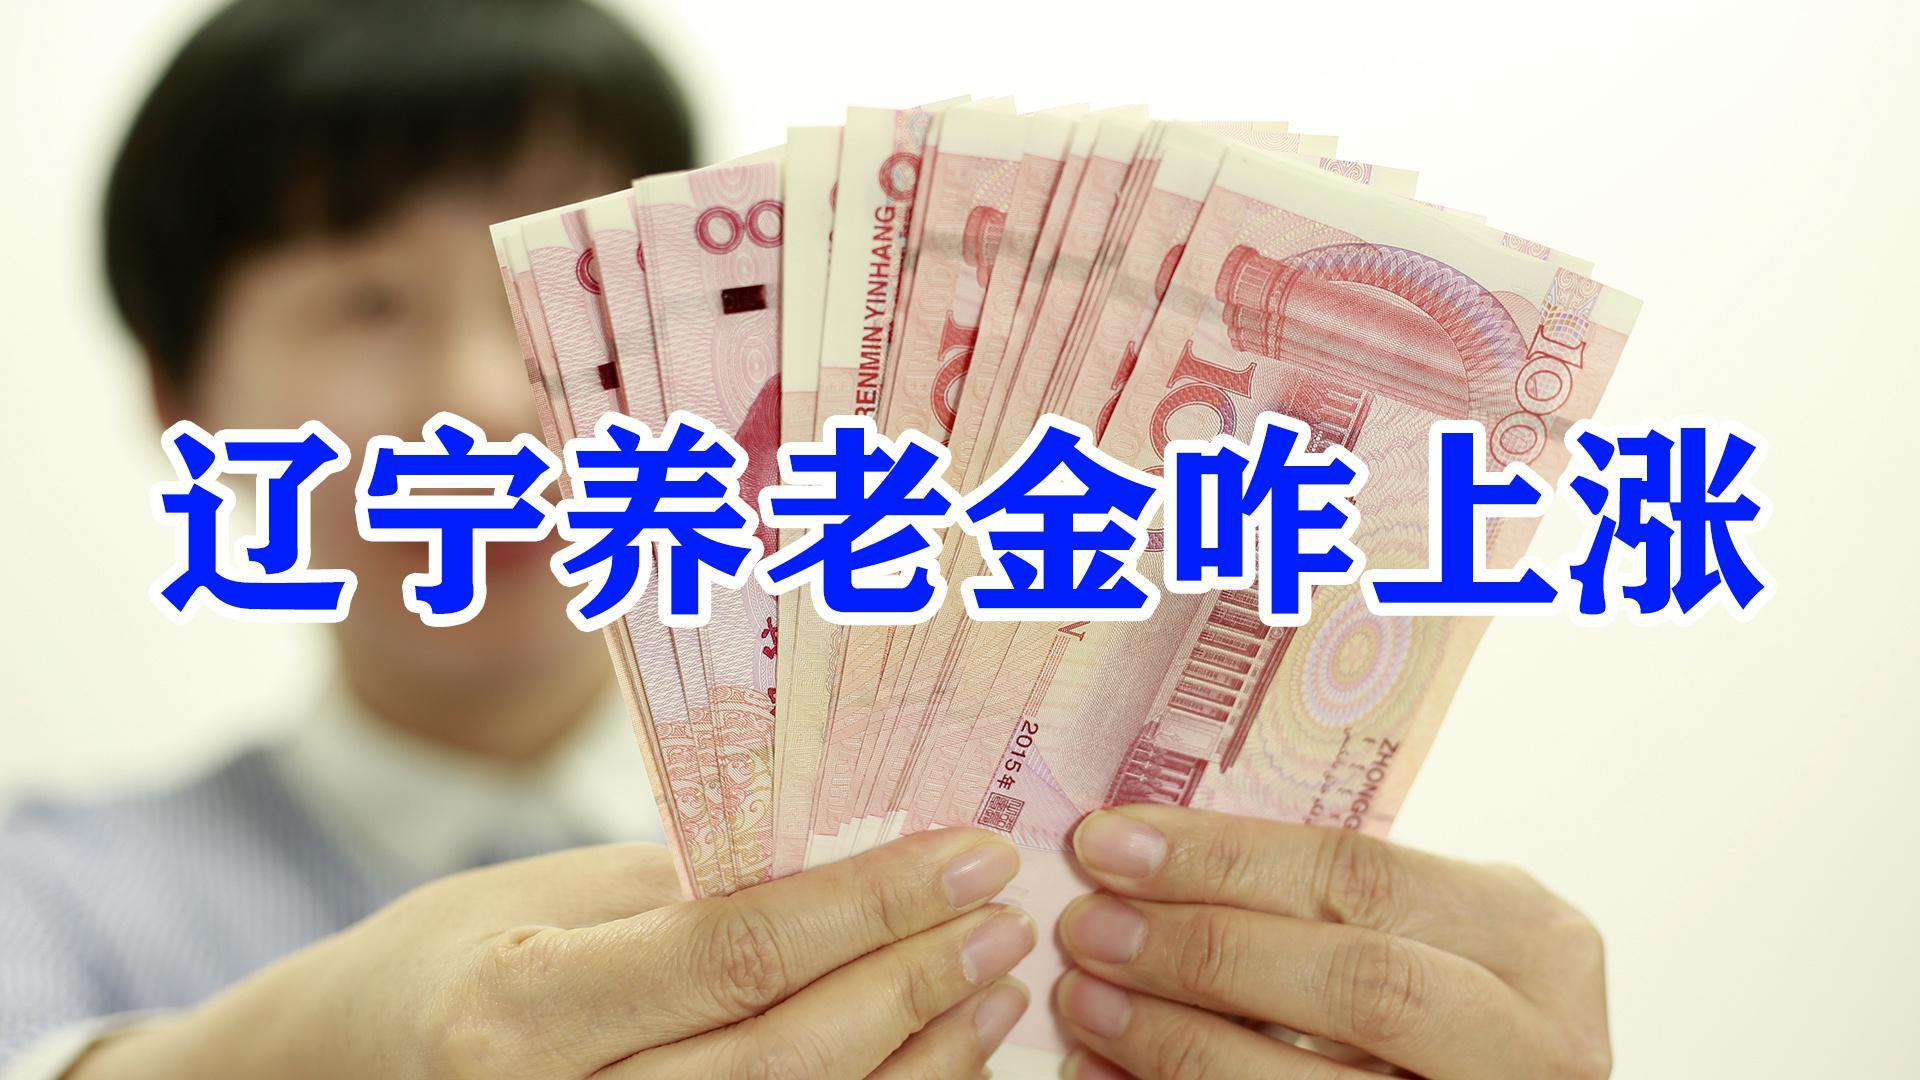 辽宁2020年养老金调整方案出炉!高龄退休老人乐开花,涨得更多